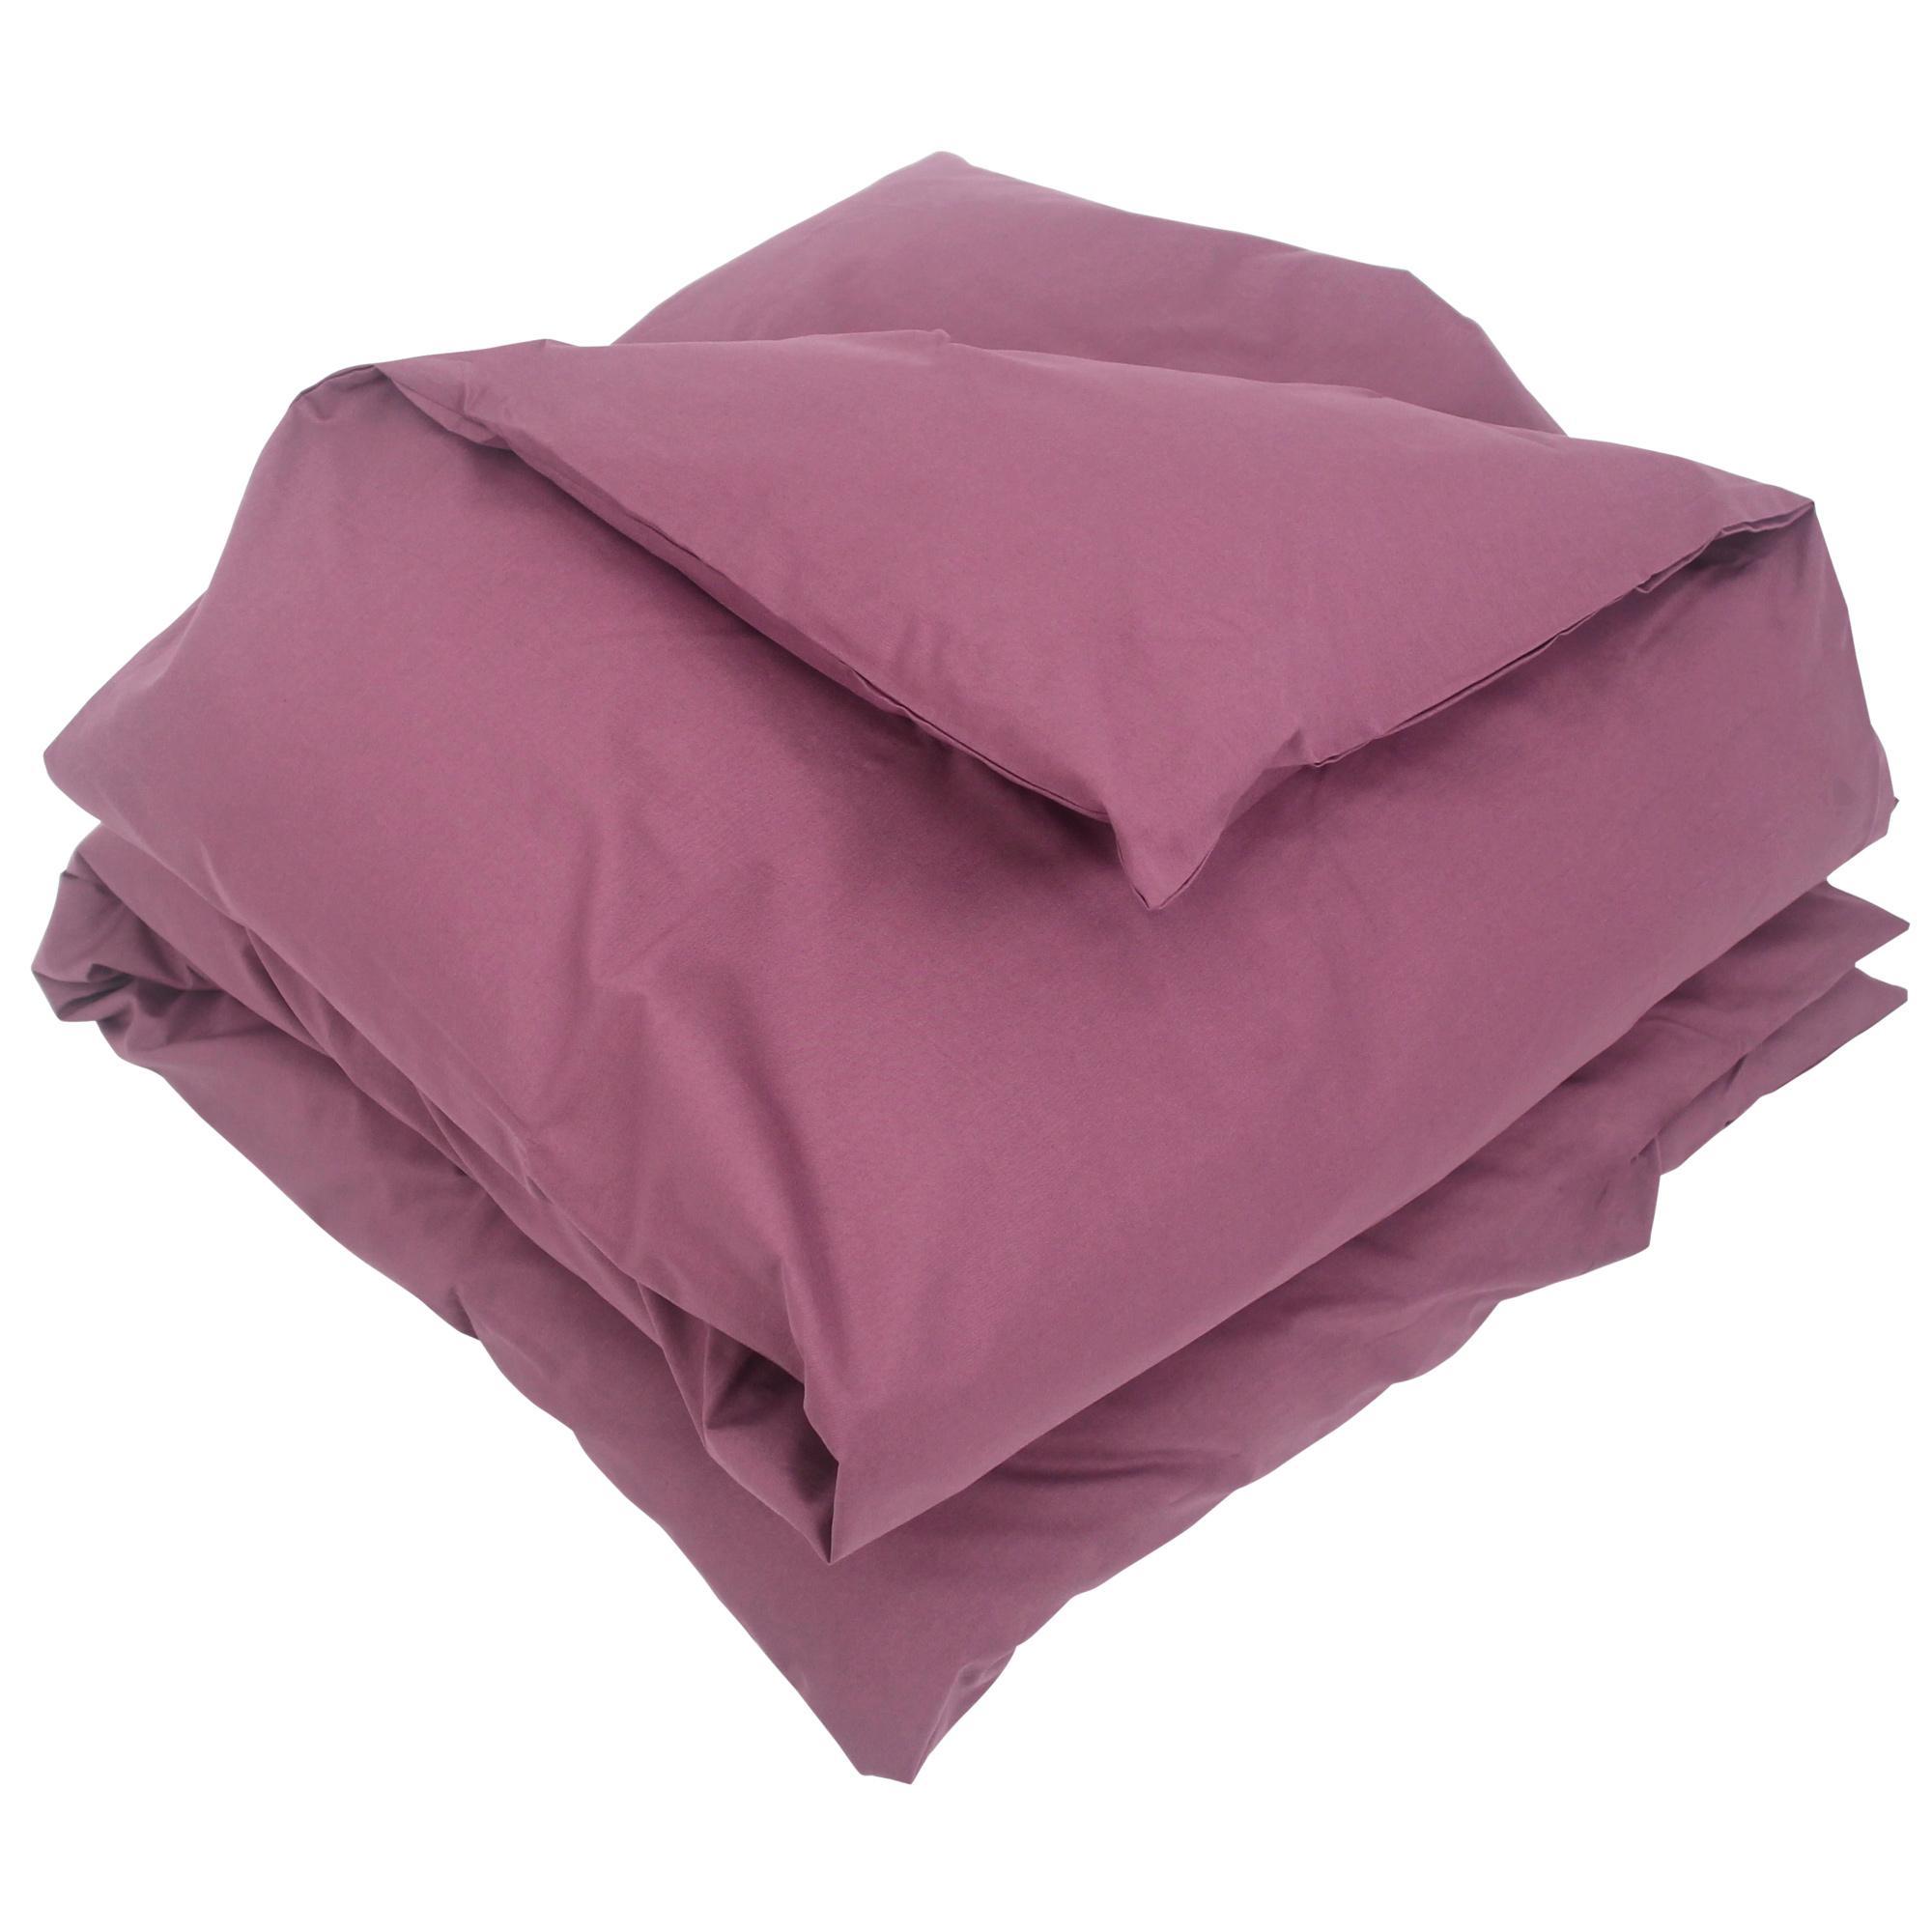 housse de couette 300x240cm uni pur coton alto violet raisin linnea linge de maison et. Black Bedroom Furniture Sets. Home Design Ideas